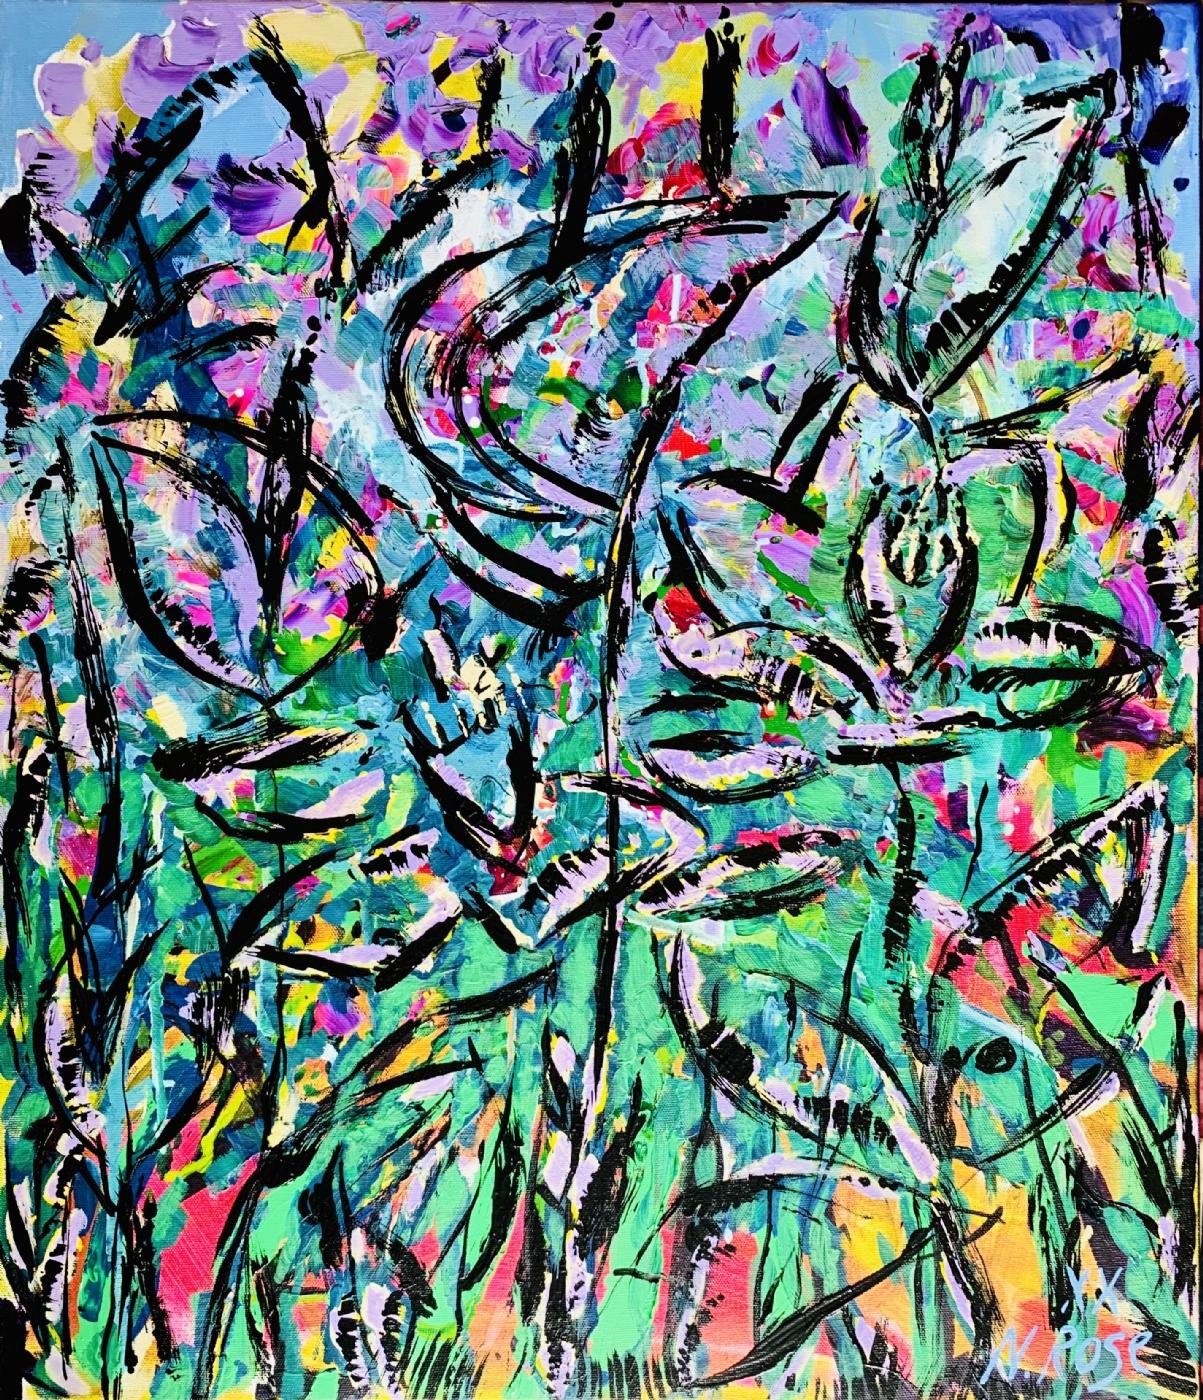 Spring Turmoil, 2020 | Maleri